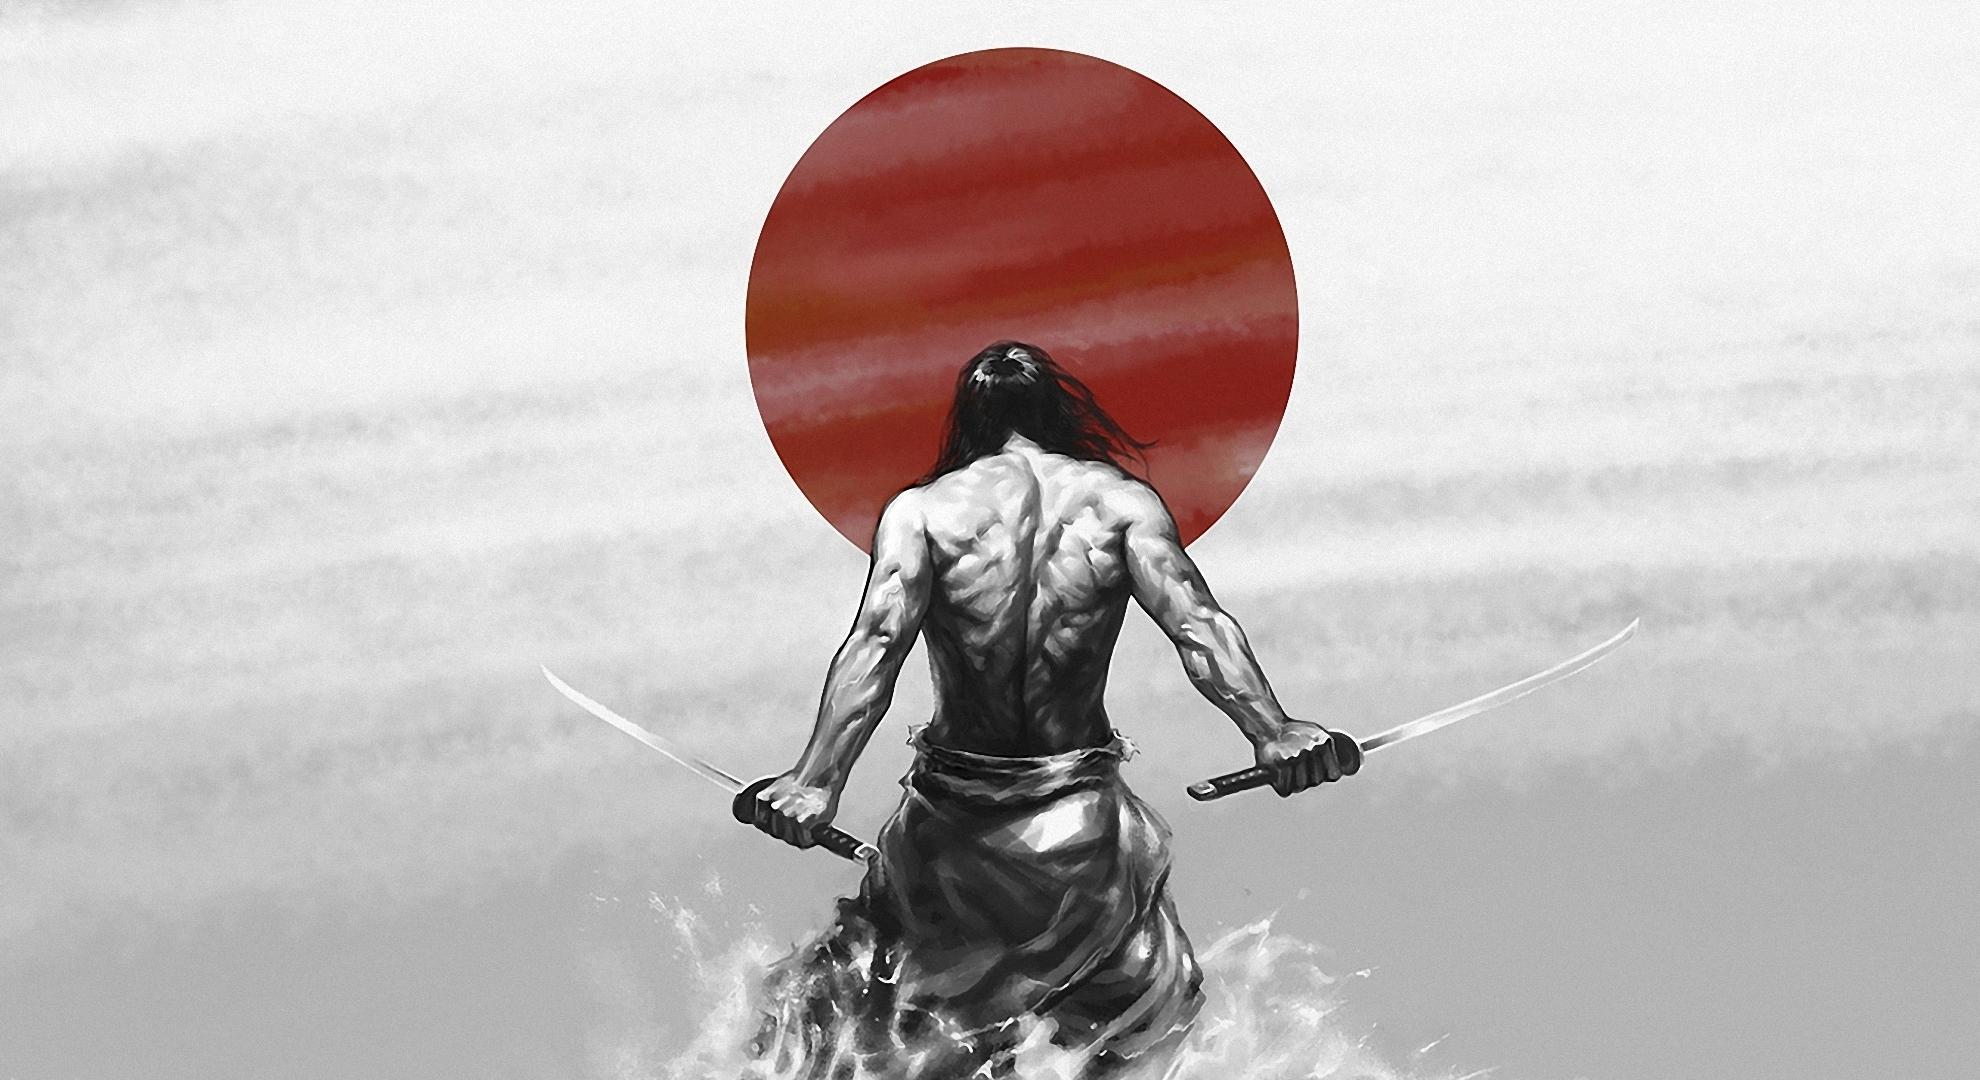 Samurai The Way of the Warrior Jeu PC   Images vidos astuces 1980x1080